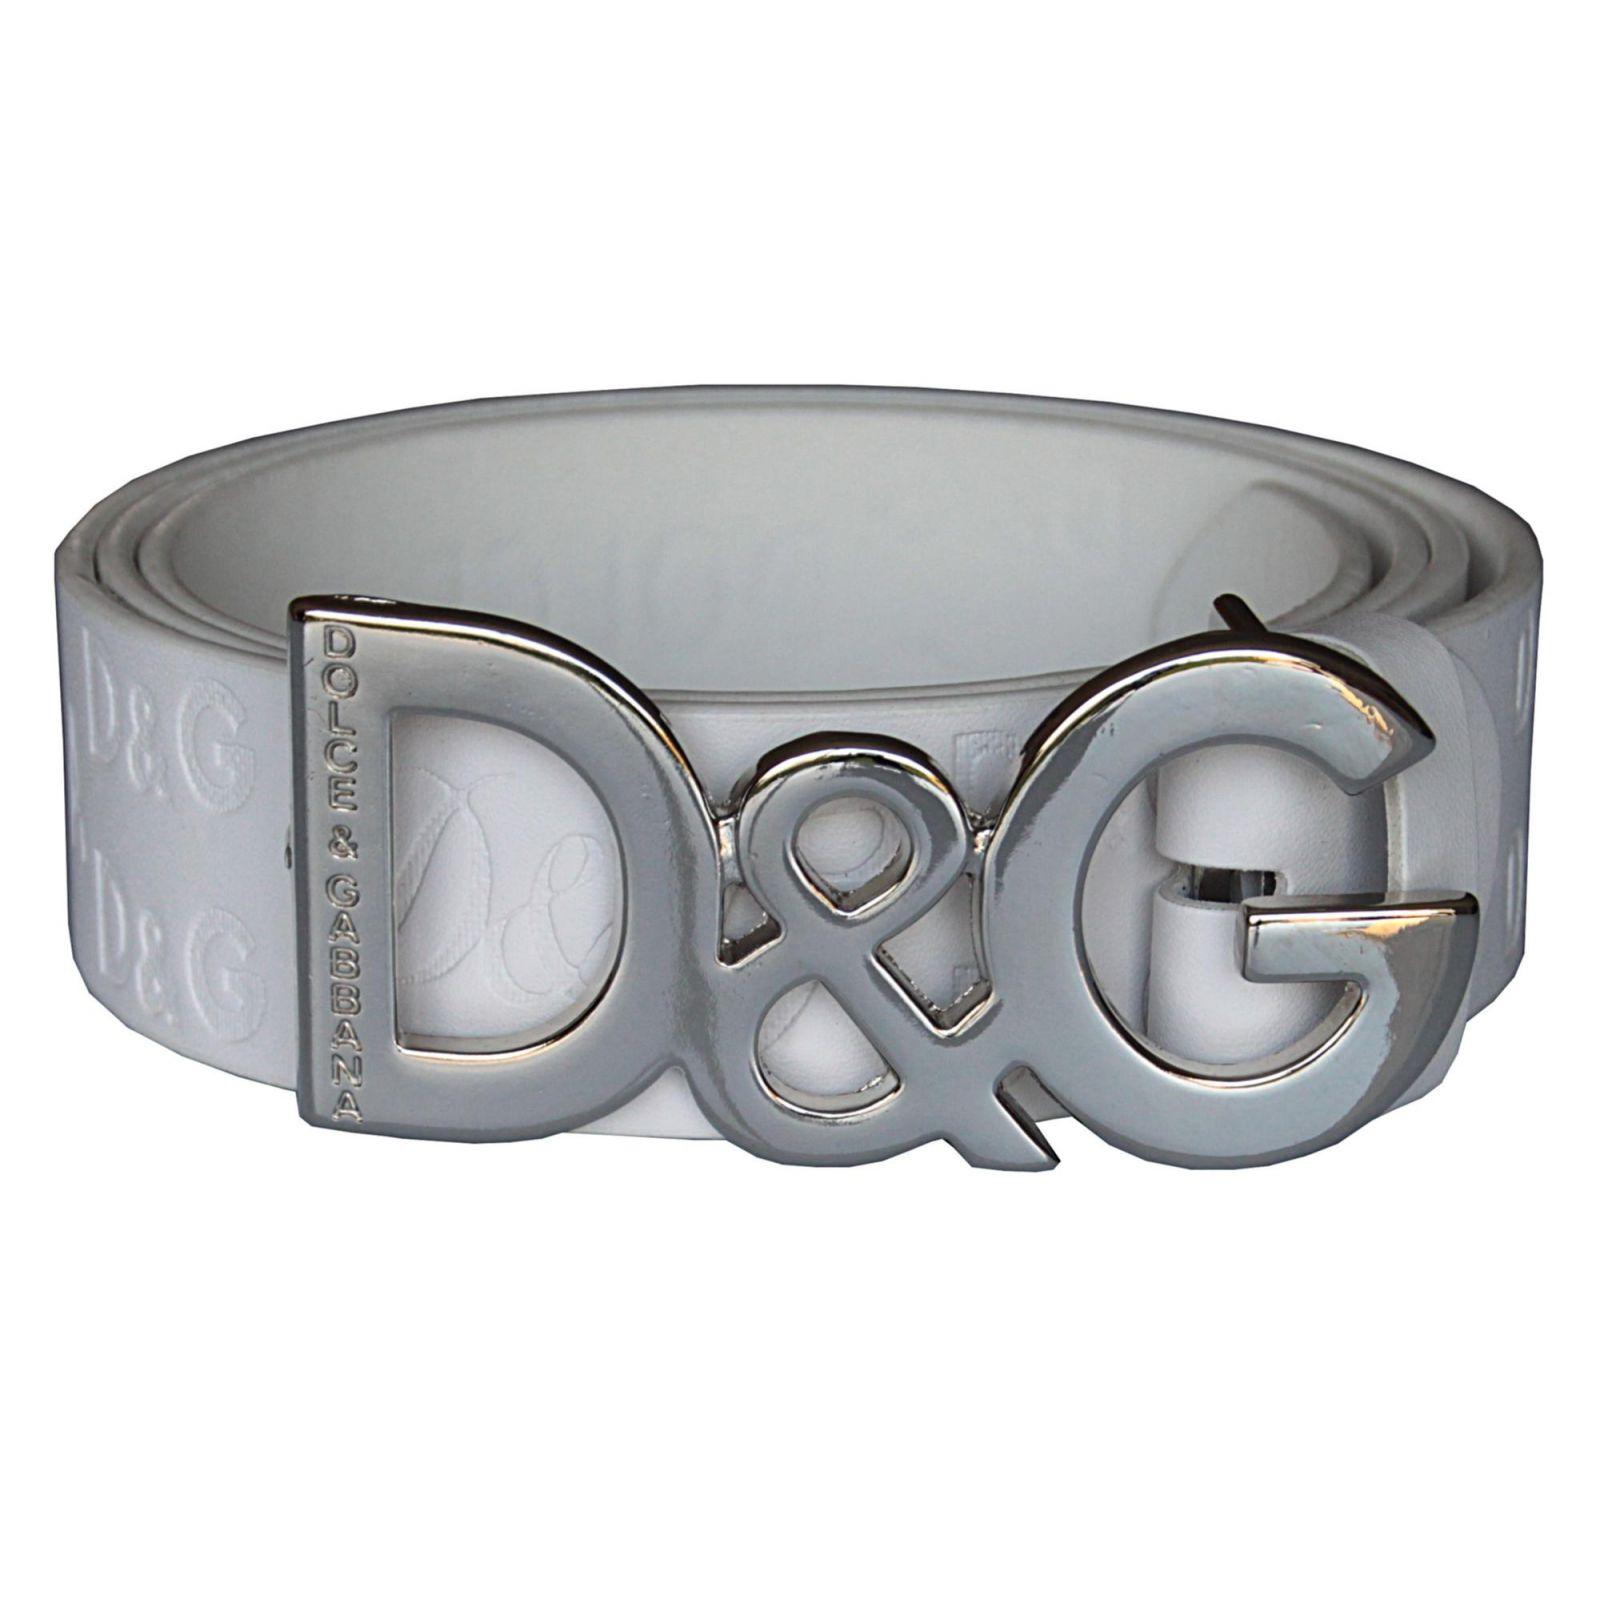 06d9d5e7dde ceinture femme dolce gabbana